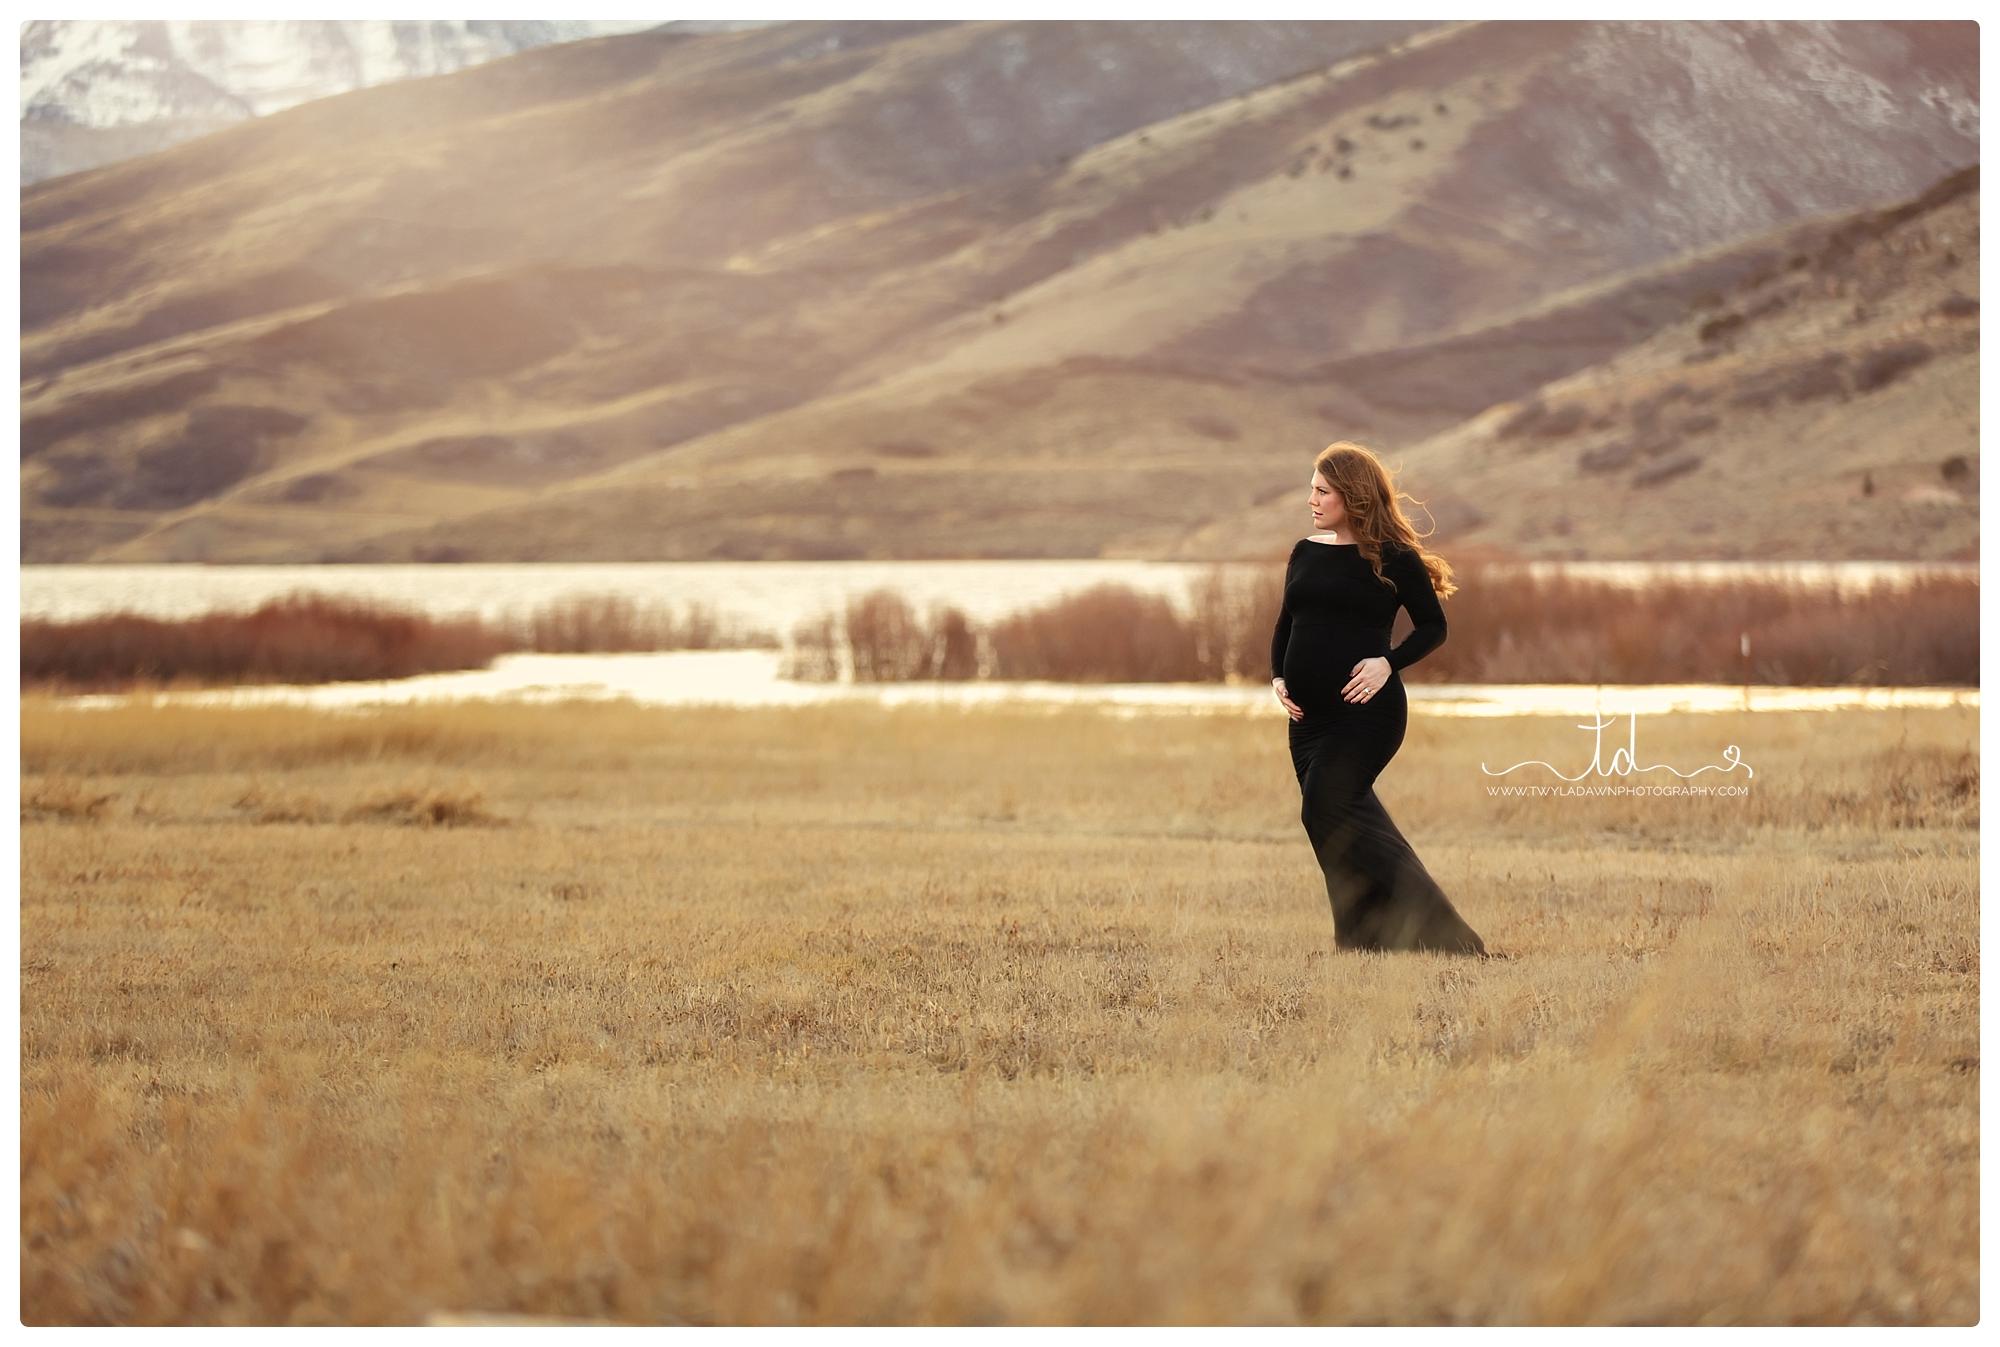 Utah Maternity photographer | Utah pregnancy photography | maternity gown | pregnancy pics | Utah mountain maternity